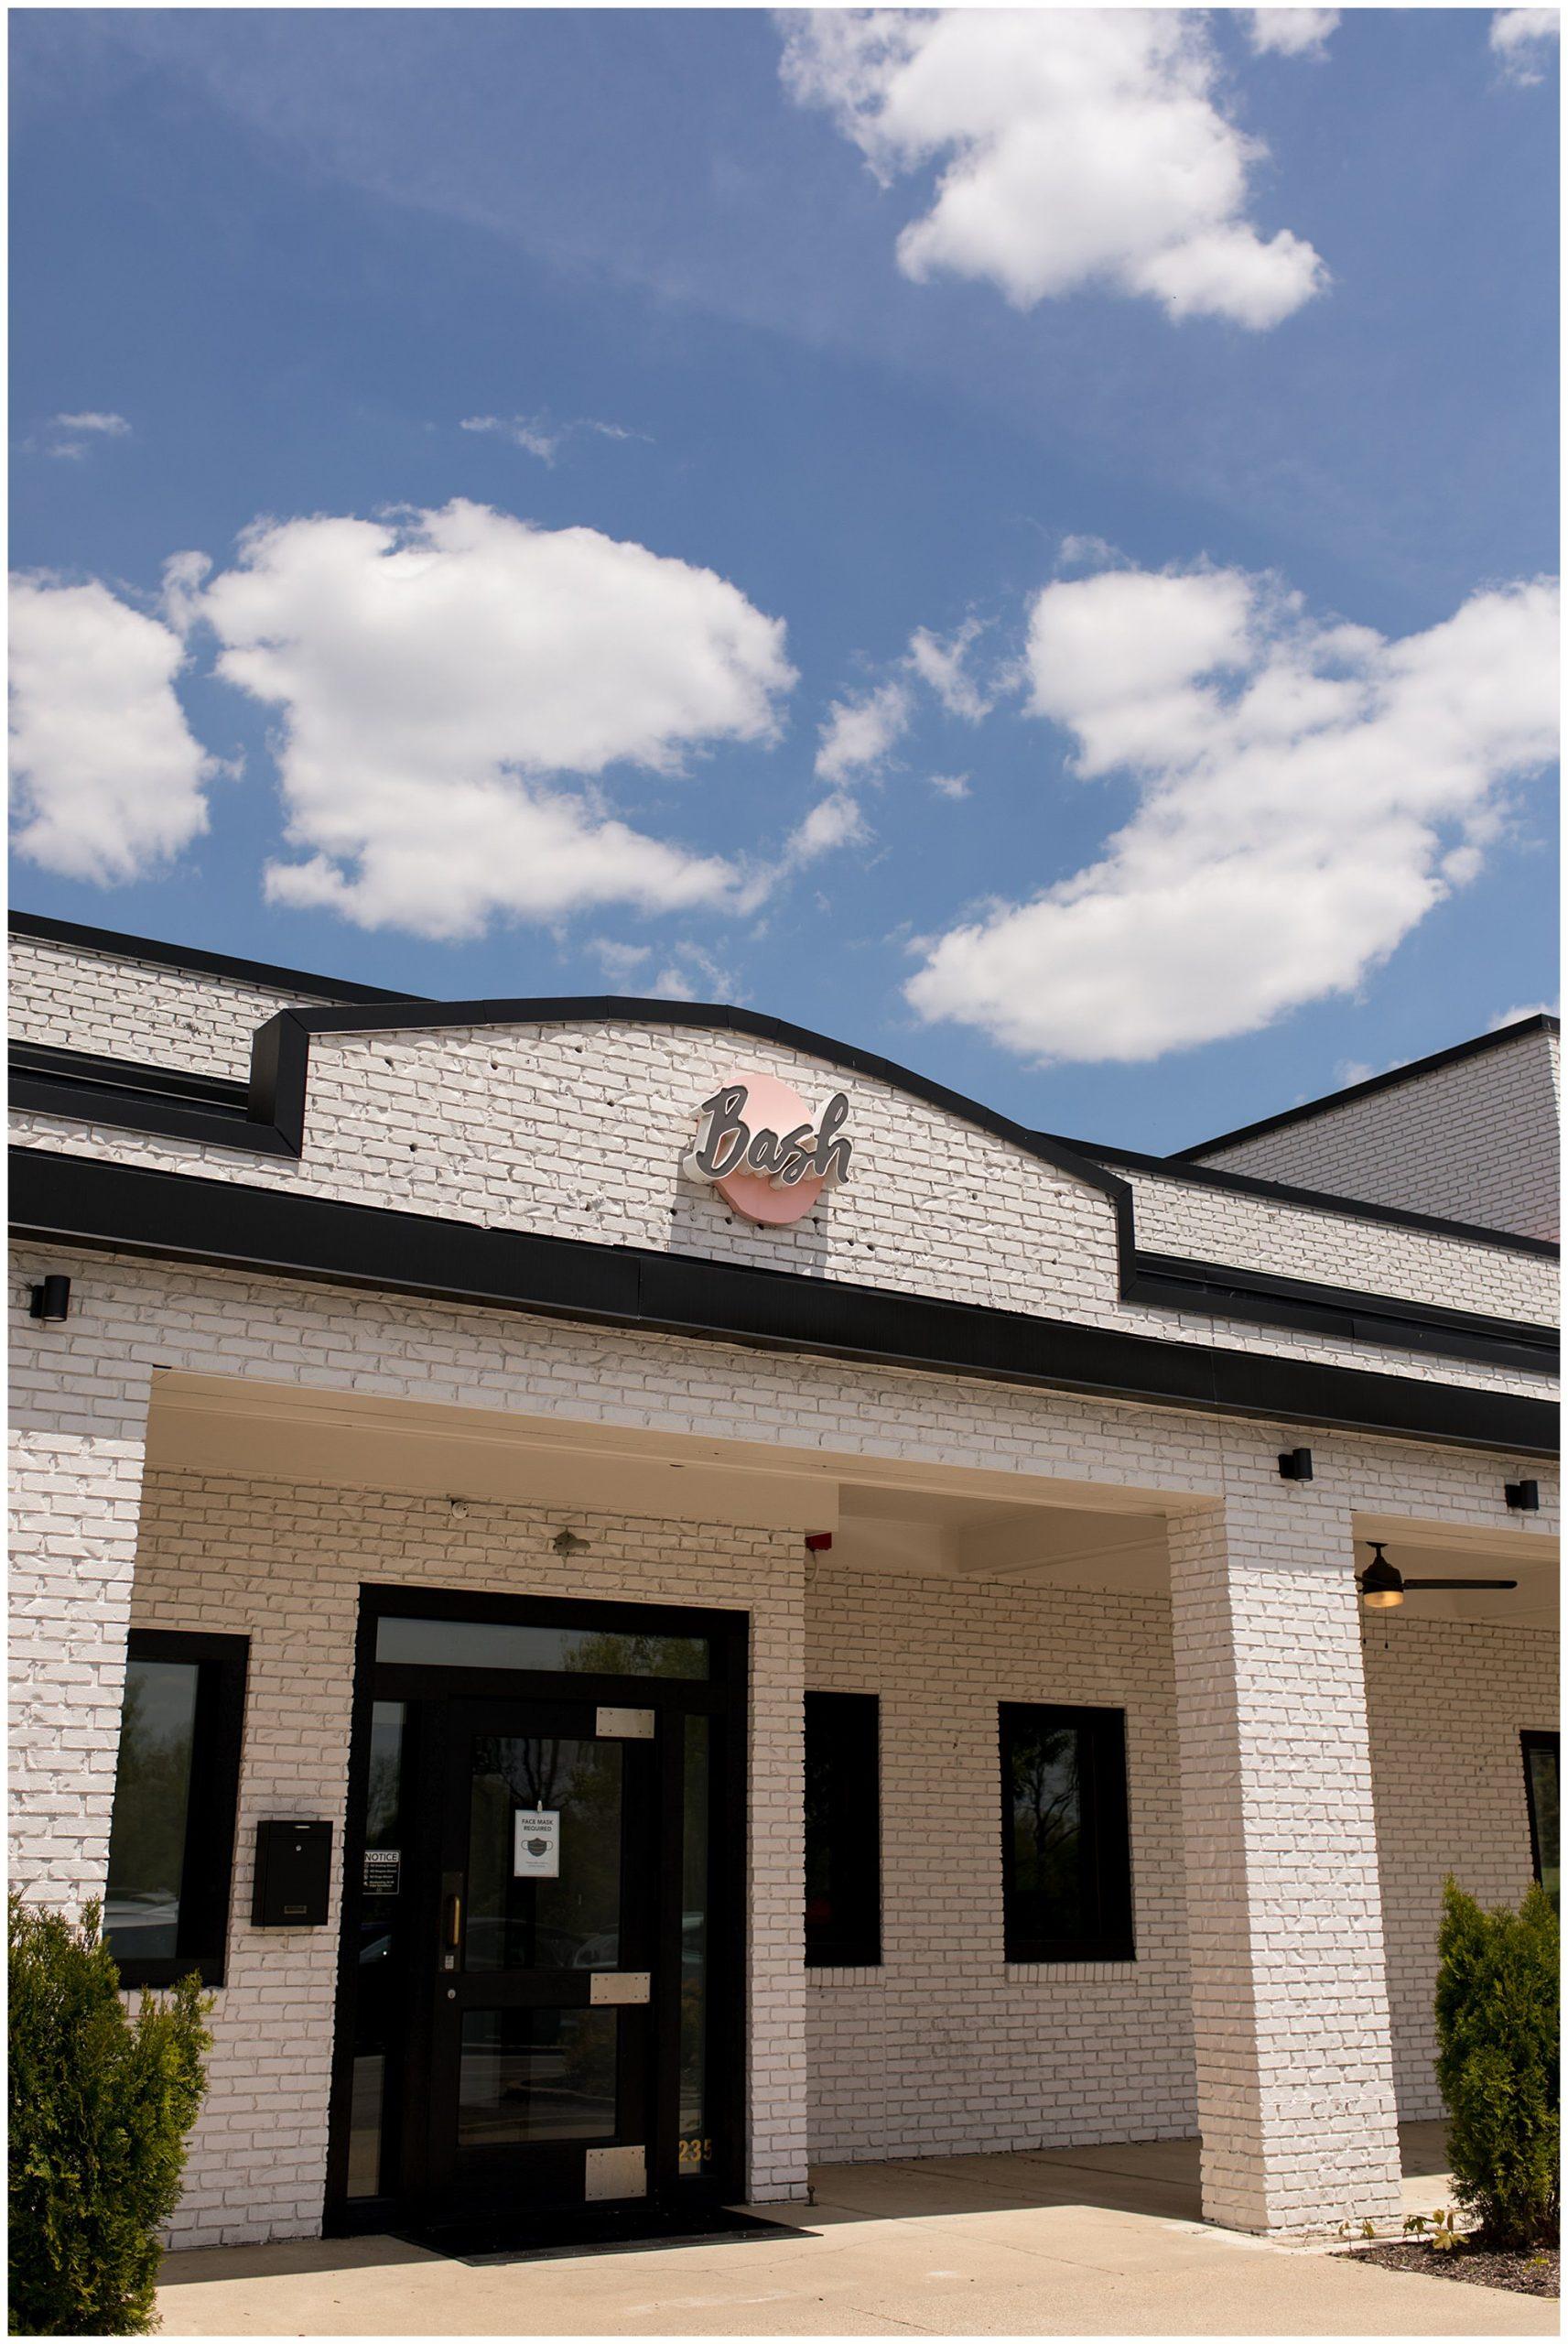 BASH wedding venue in Carmel Indiana